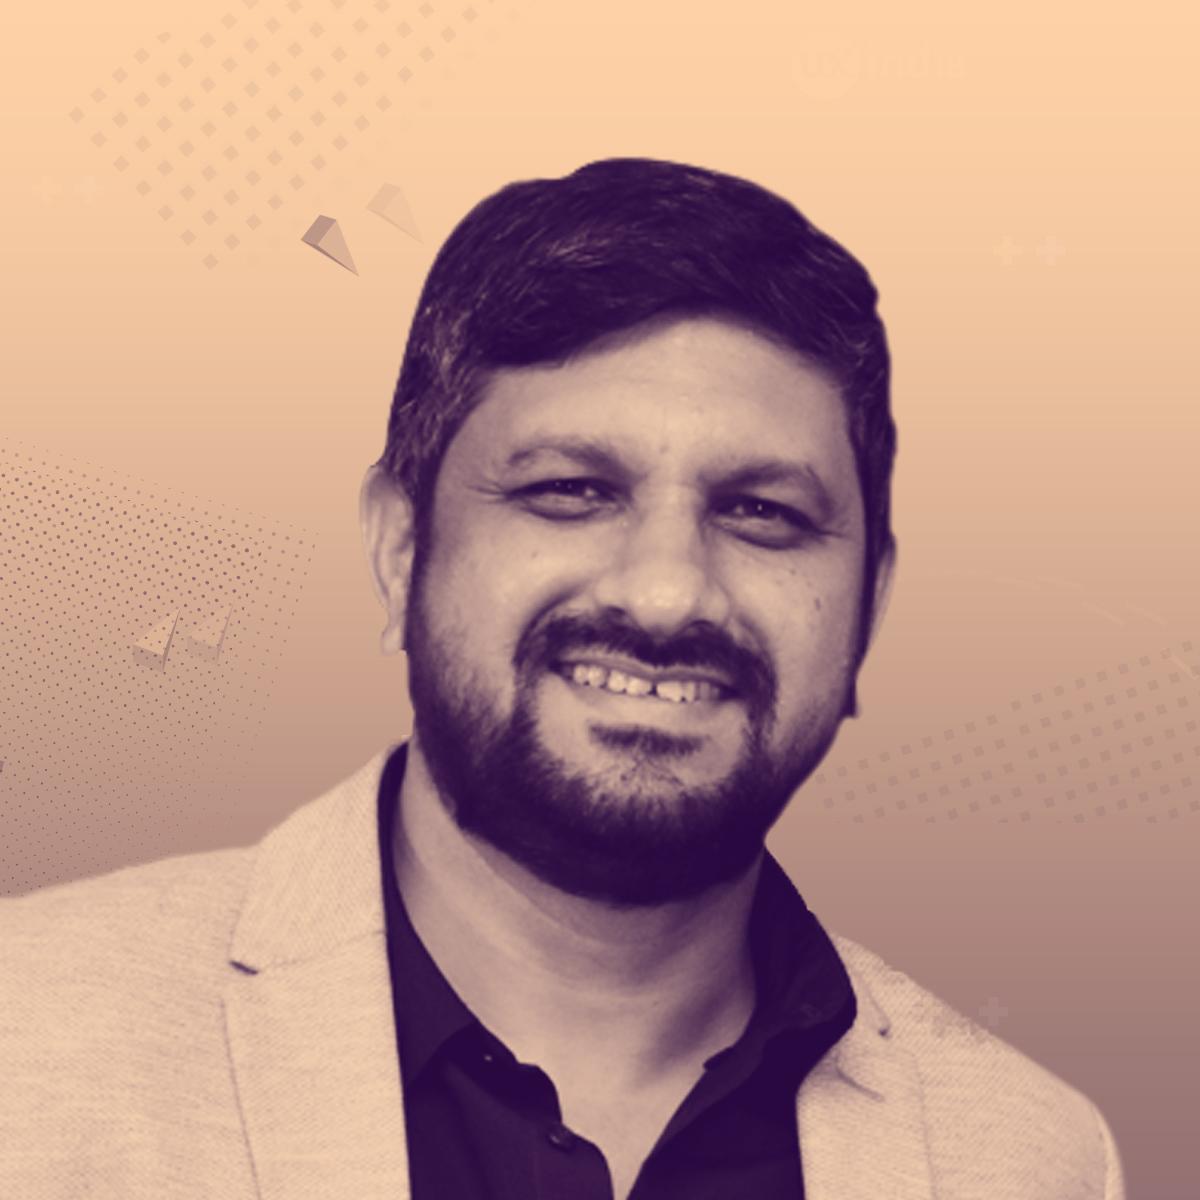 Samir Chabukswar